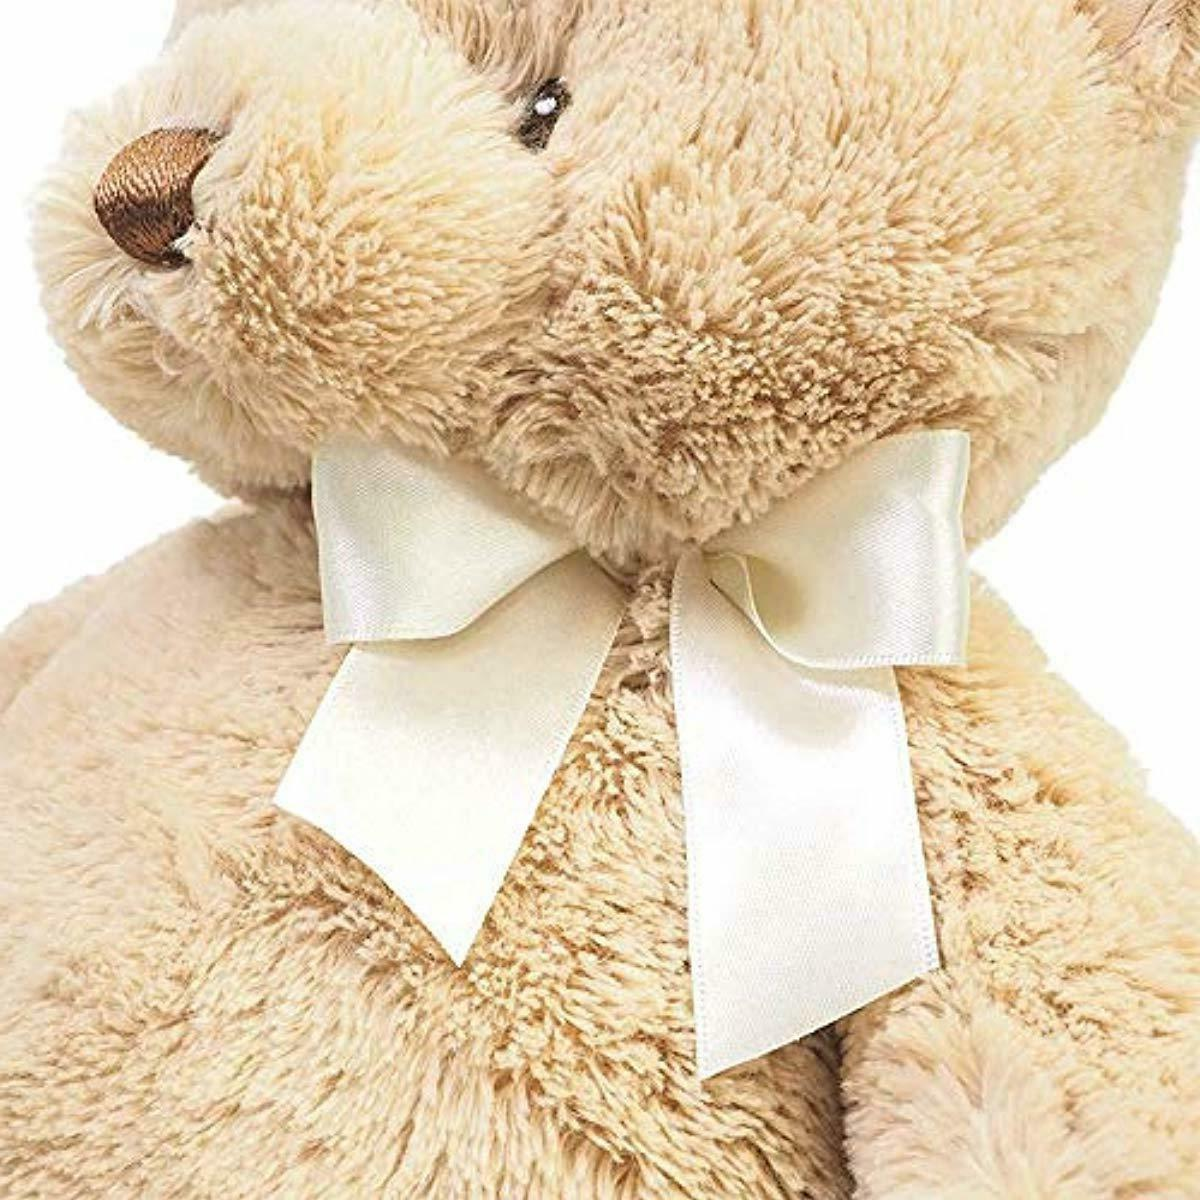 Baby GUND My Teddy Stuffed